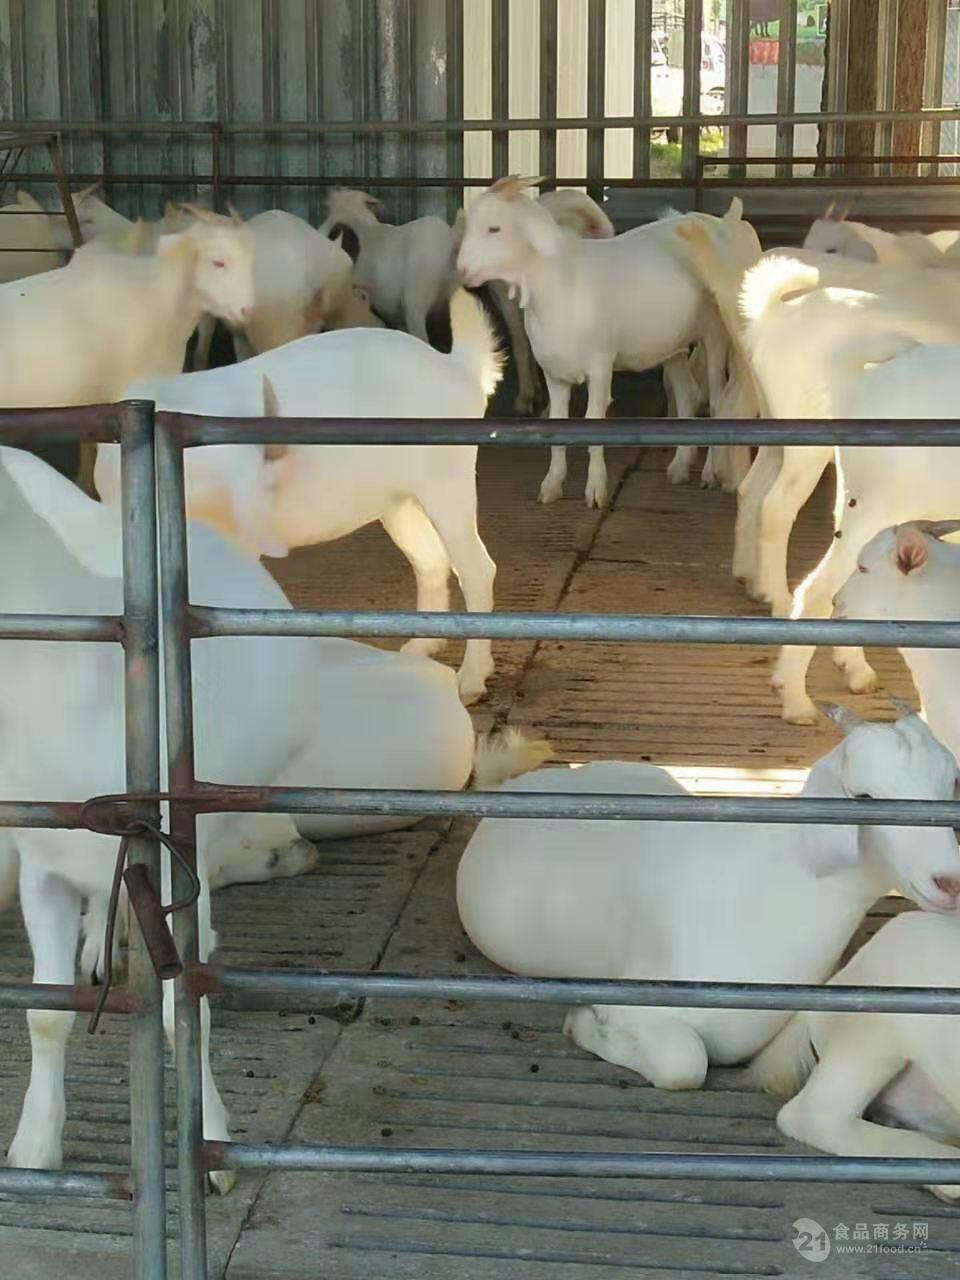 2019收活羊一斤若干钱一只活羊卖若干钱一斤养殖市场